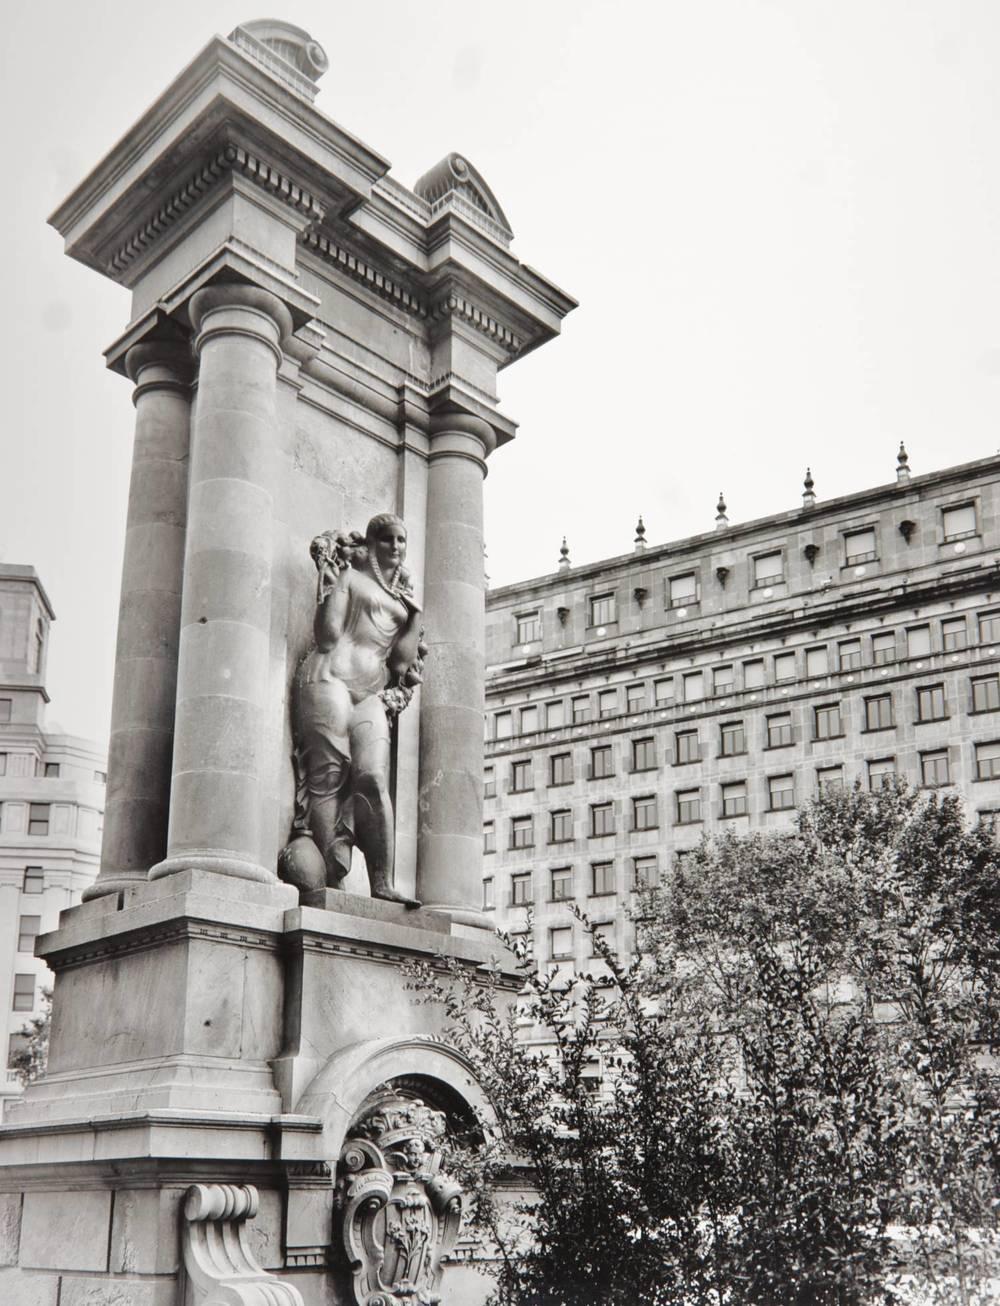 Statue (Plaça Catahunya, Barcelona, Spain)